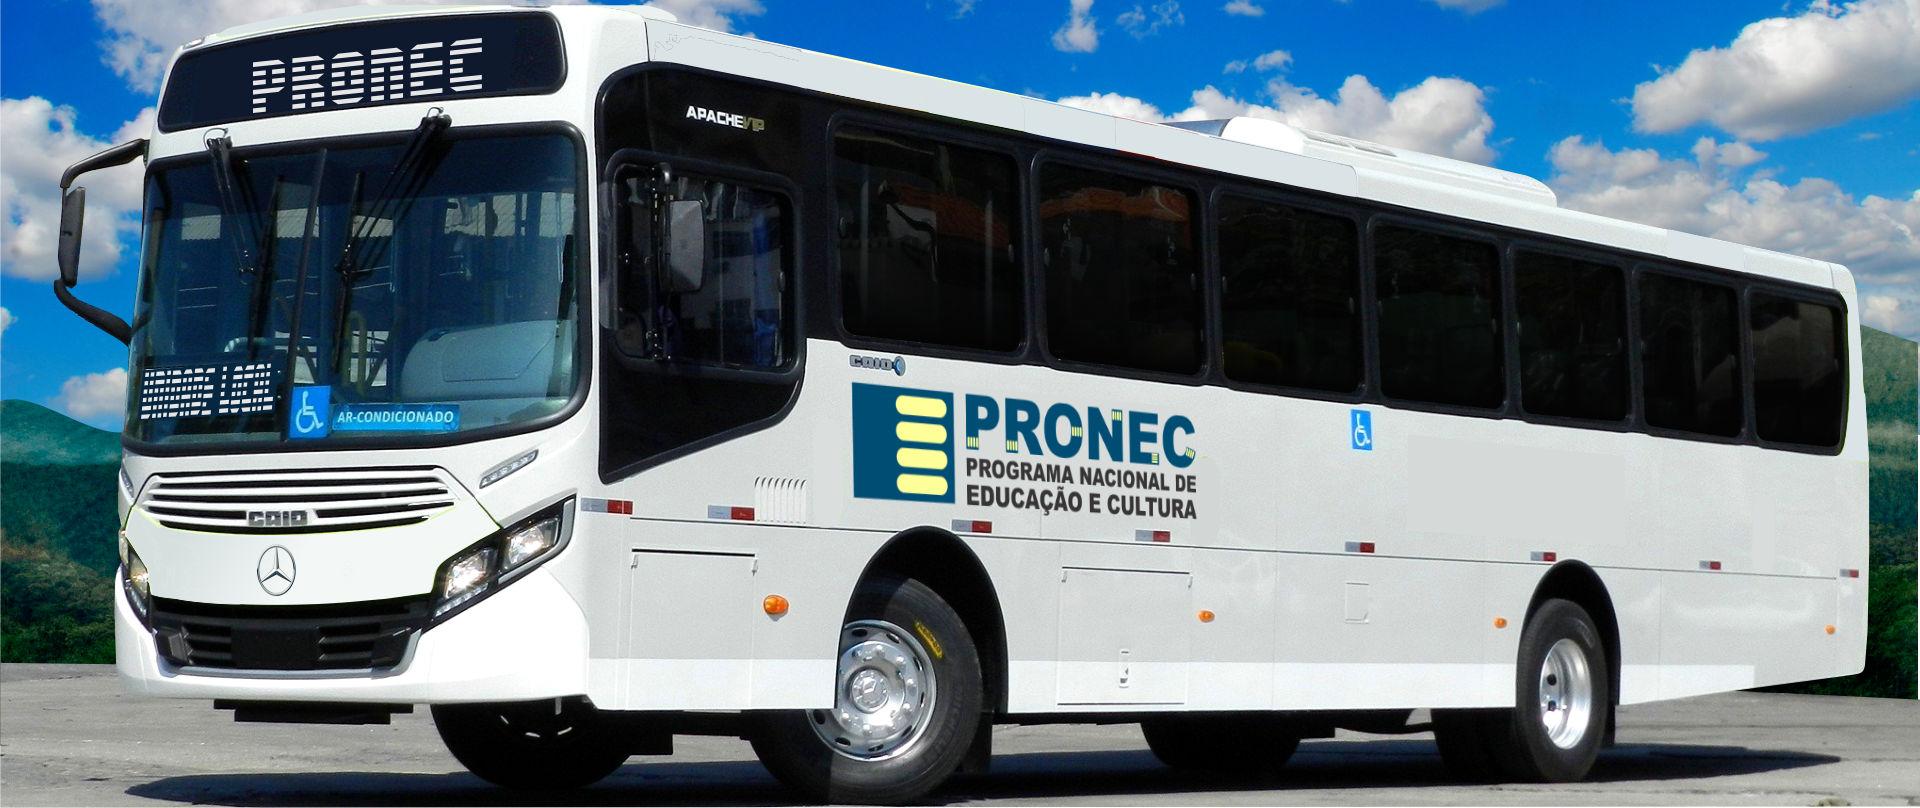 PRONEC-14